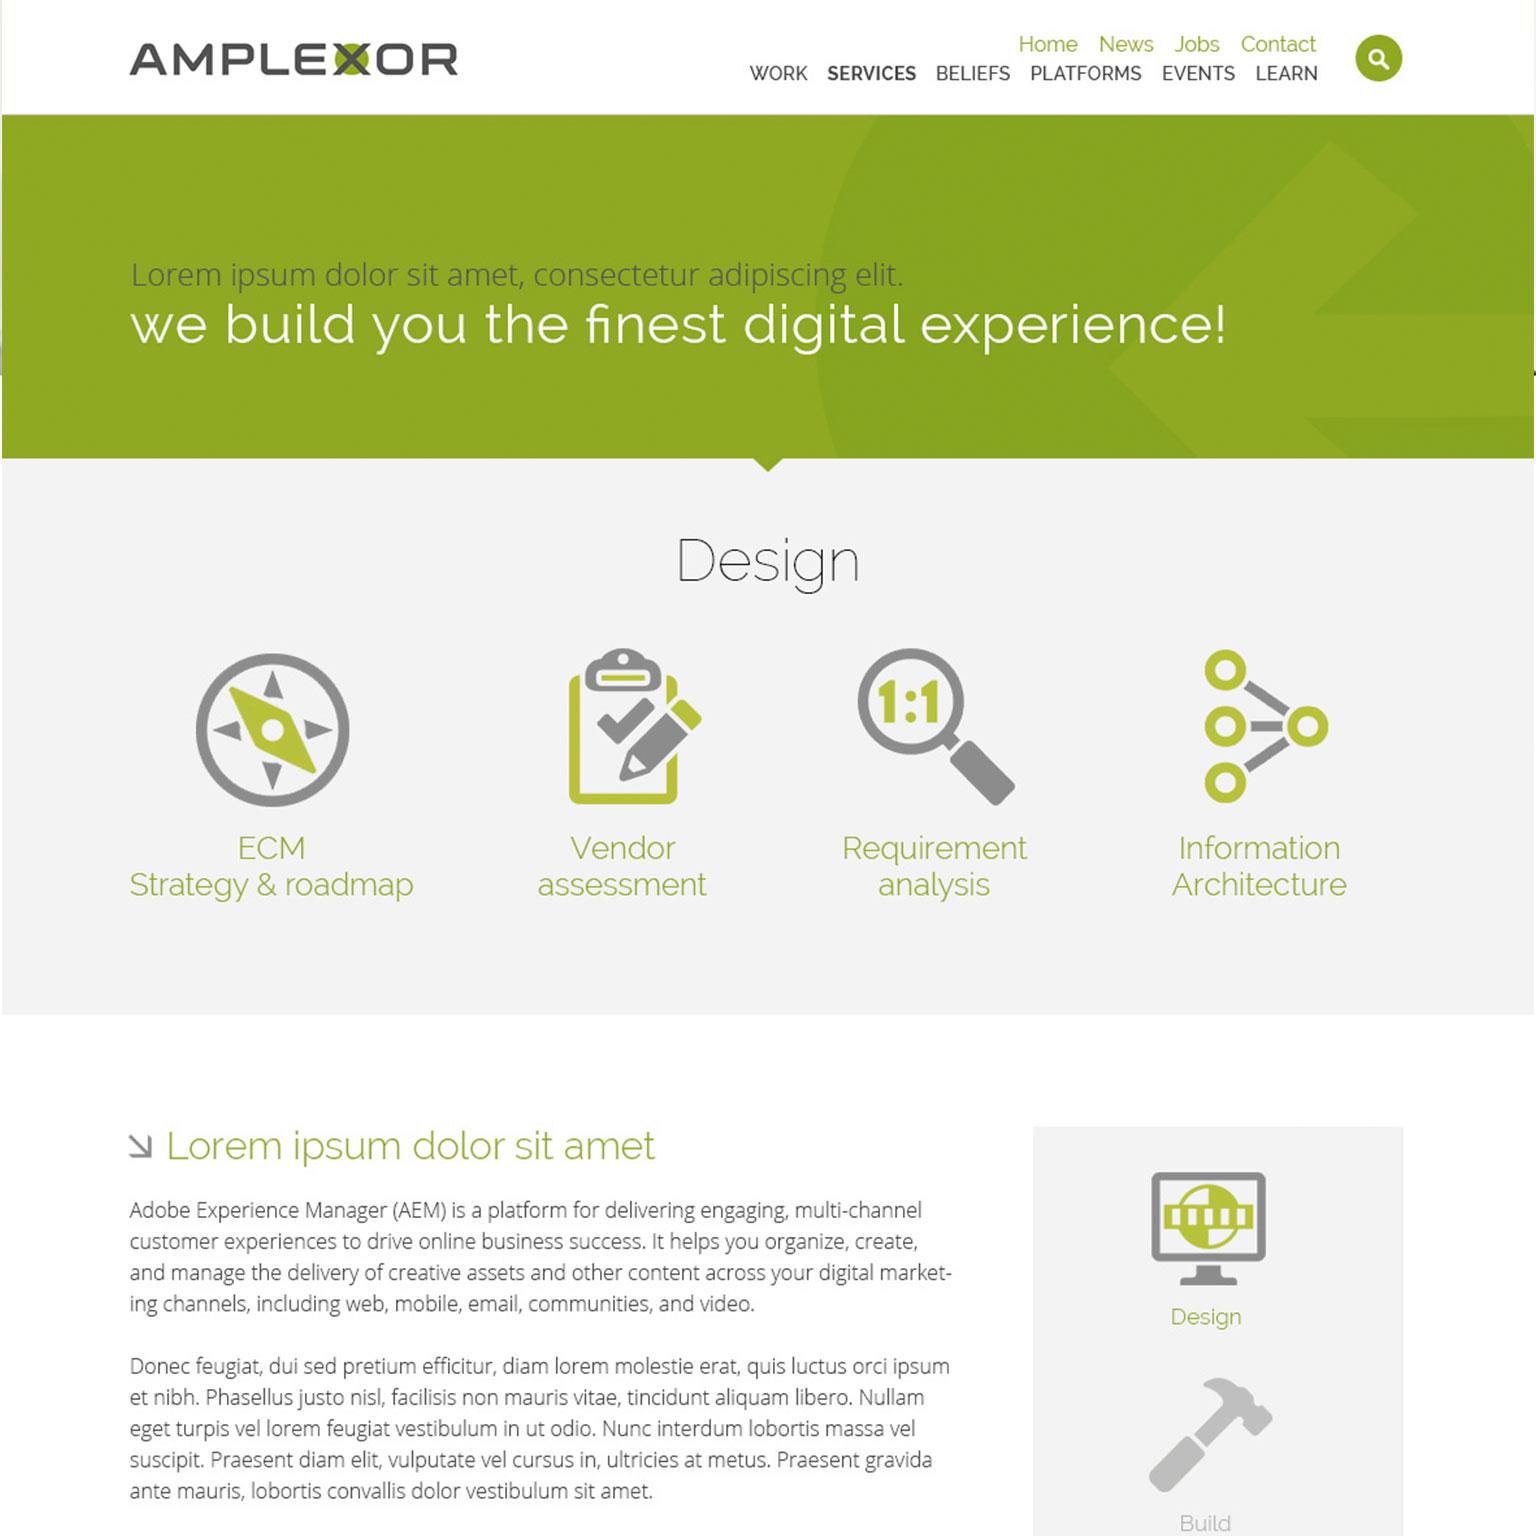 1536x1536-case-study-amplexor-site-page-4